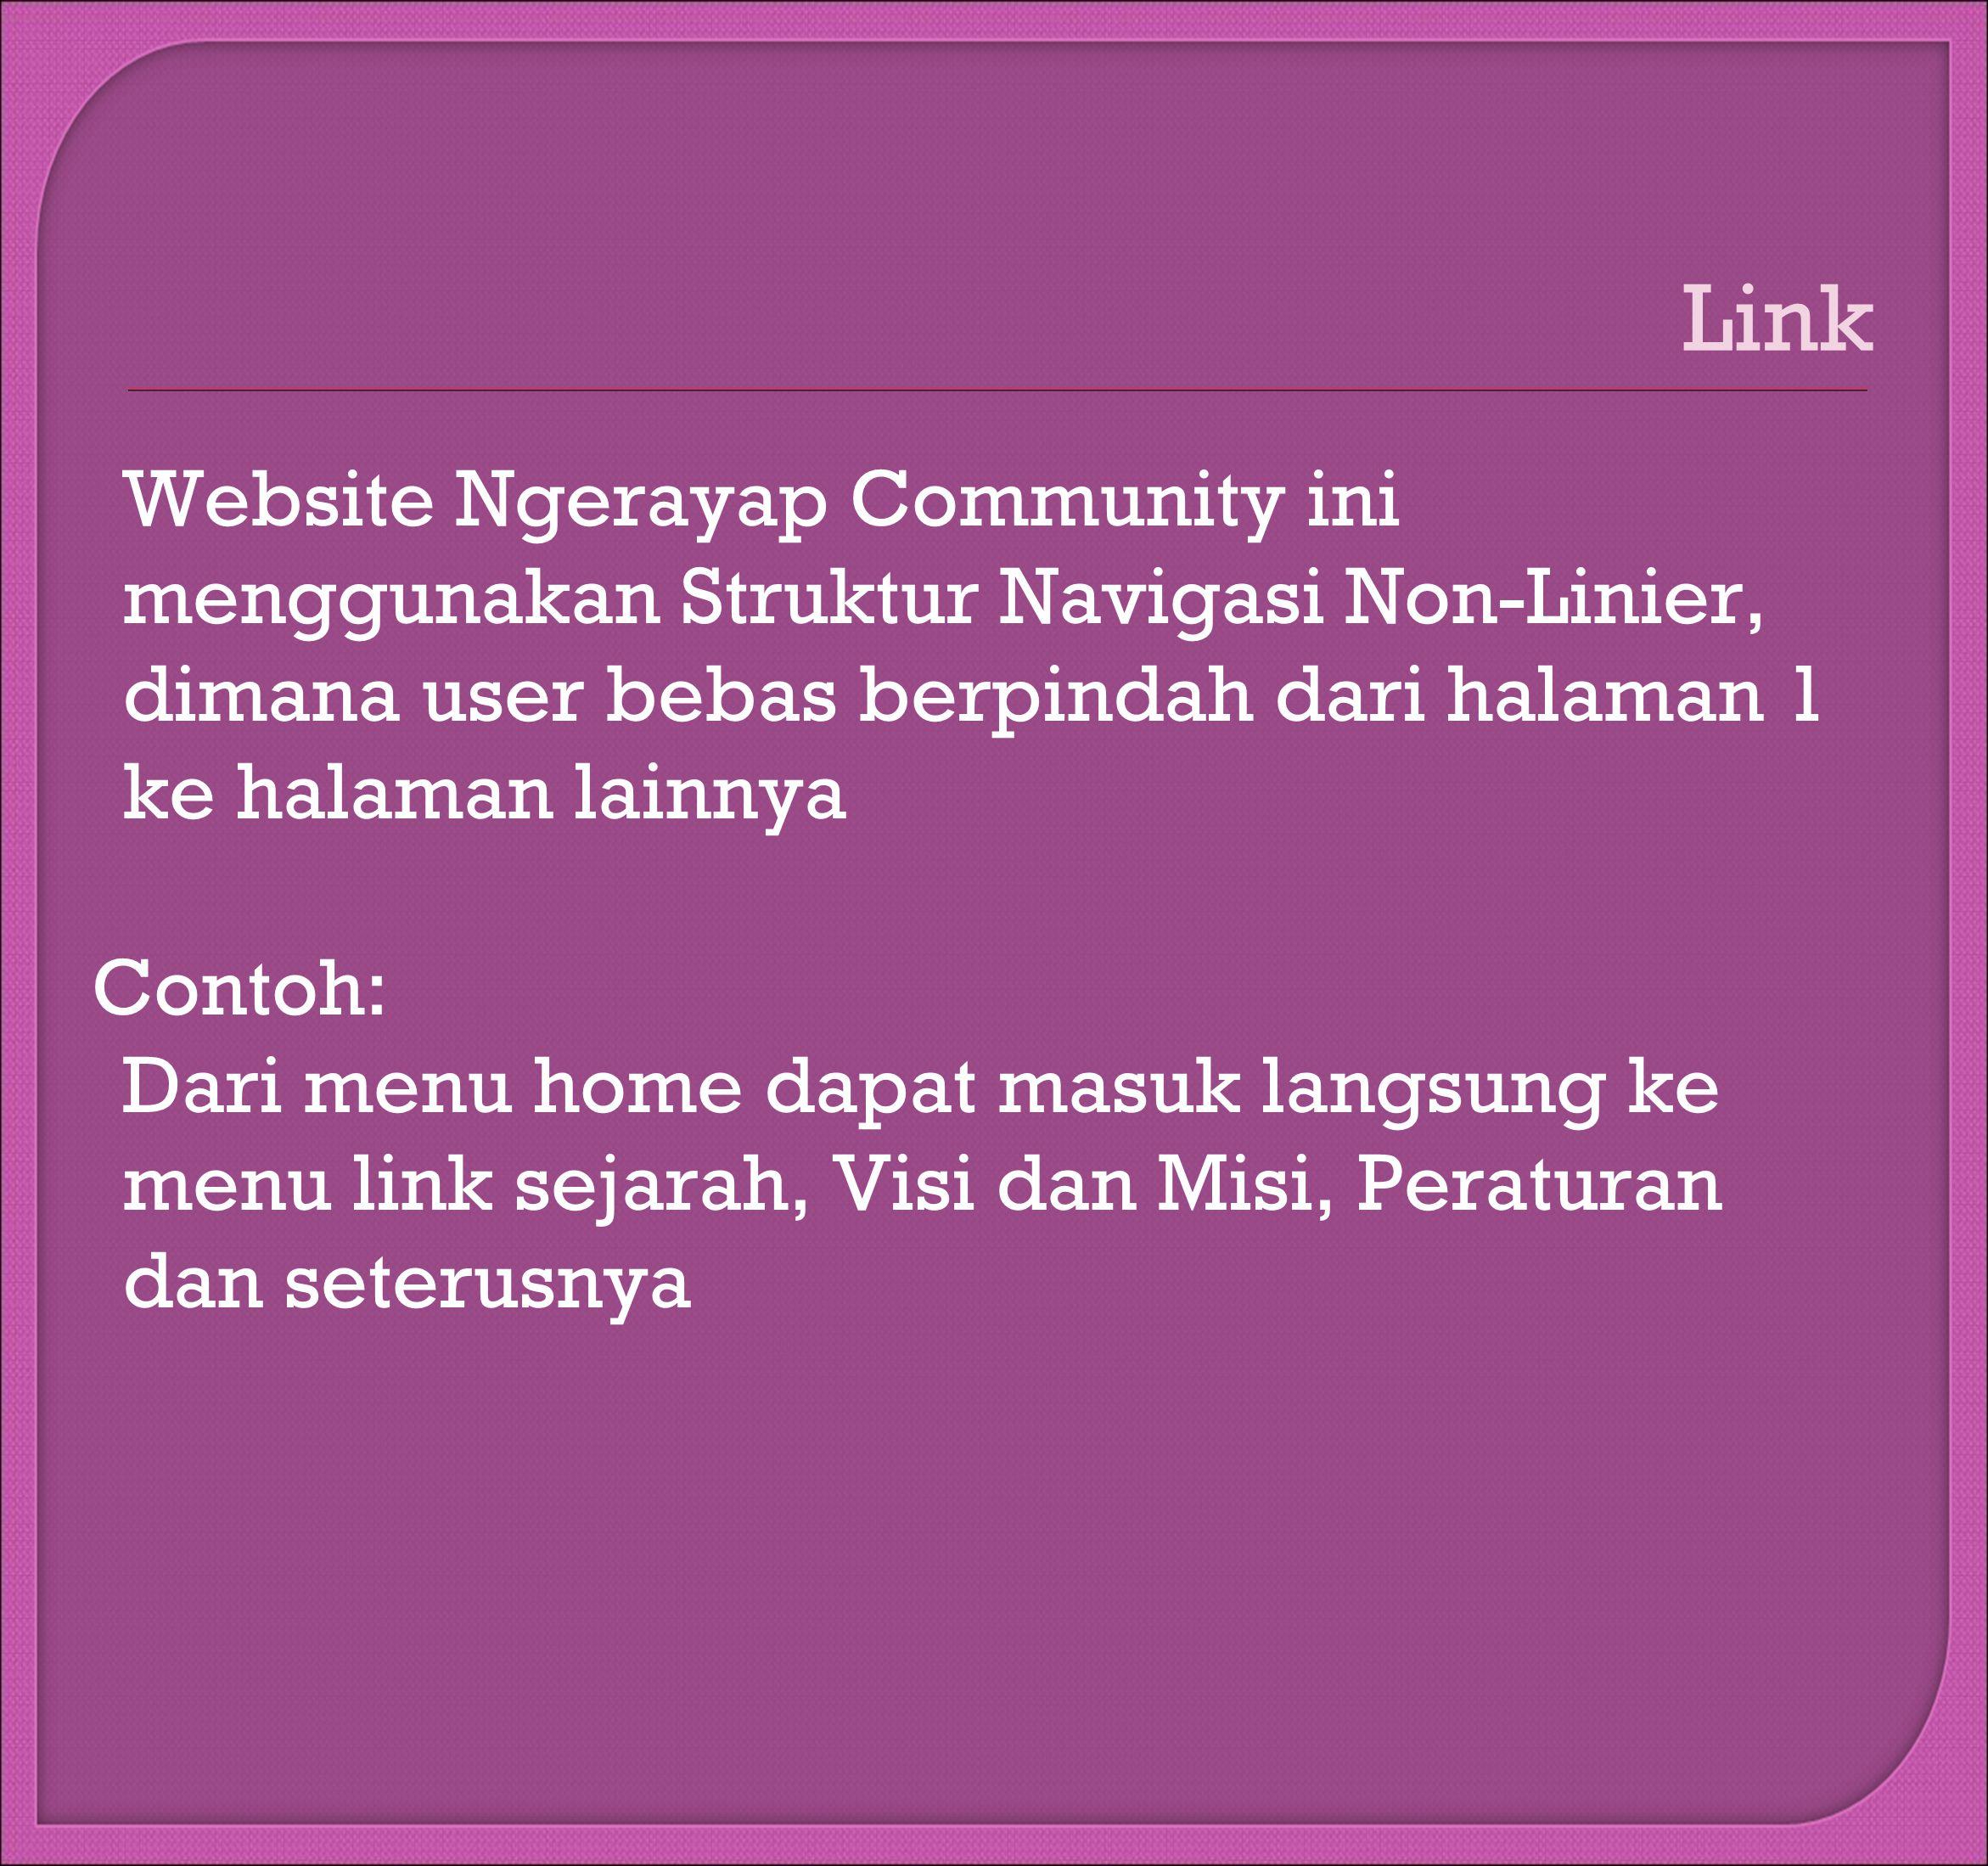 Link Website Ngerayap Community ini menggunakan Struktur Navigasi Non-Linier, dimana user bebas berpindah dari halaman 1 ke halaman lainnya Contoh: Dari menu home dapat masuk langsung ke menu link sejarah, Visi dan Misi, Peraturan dan seterusnya